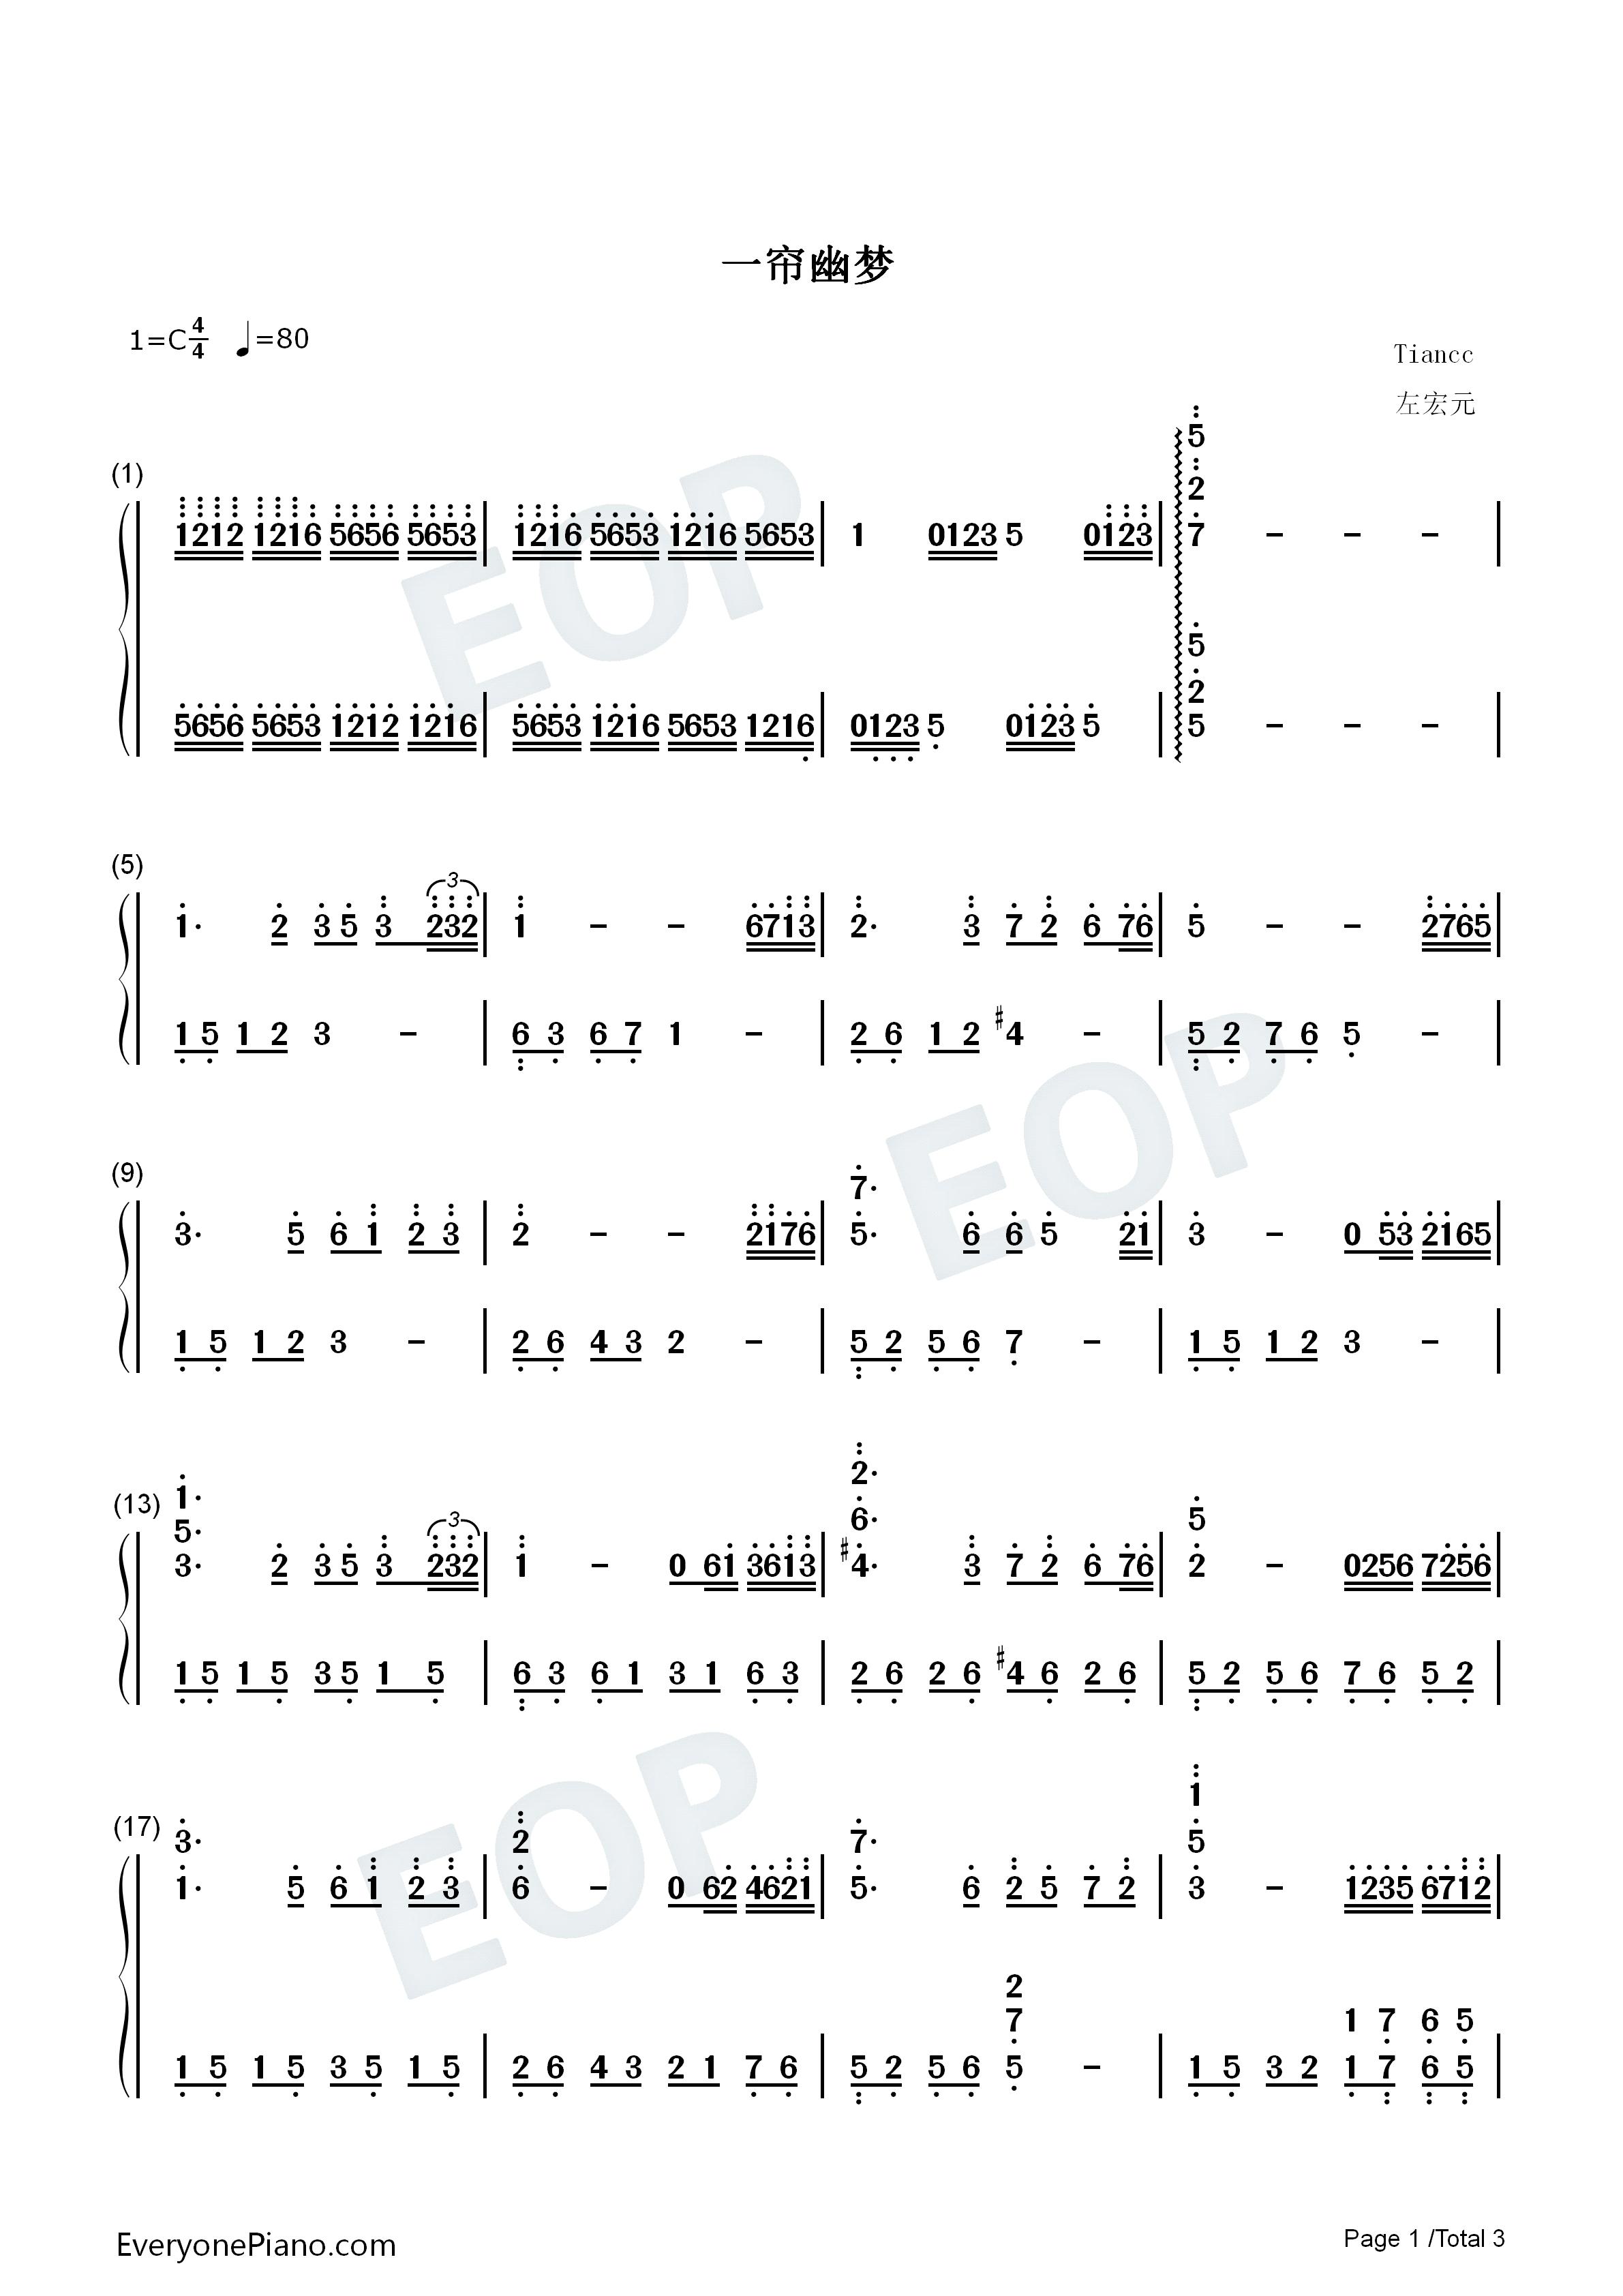 钢琴曲谱 流行 一帘幽梦 一帘幽梦双手简谱预览1  }  仅供学习交流